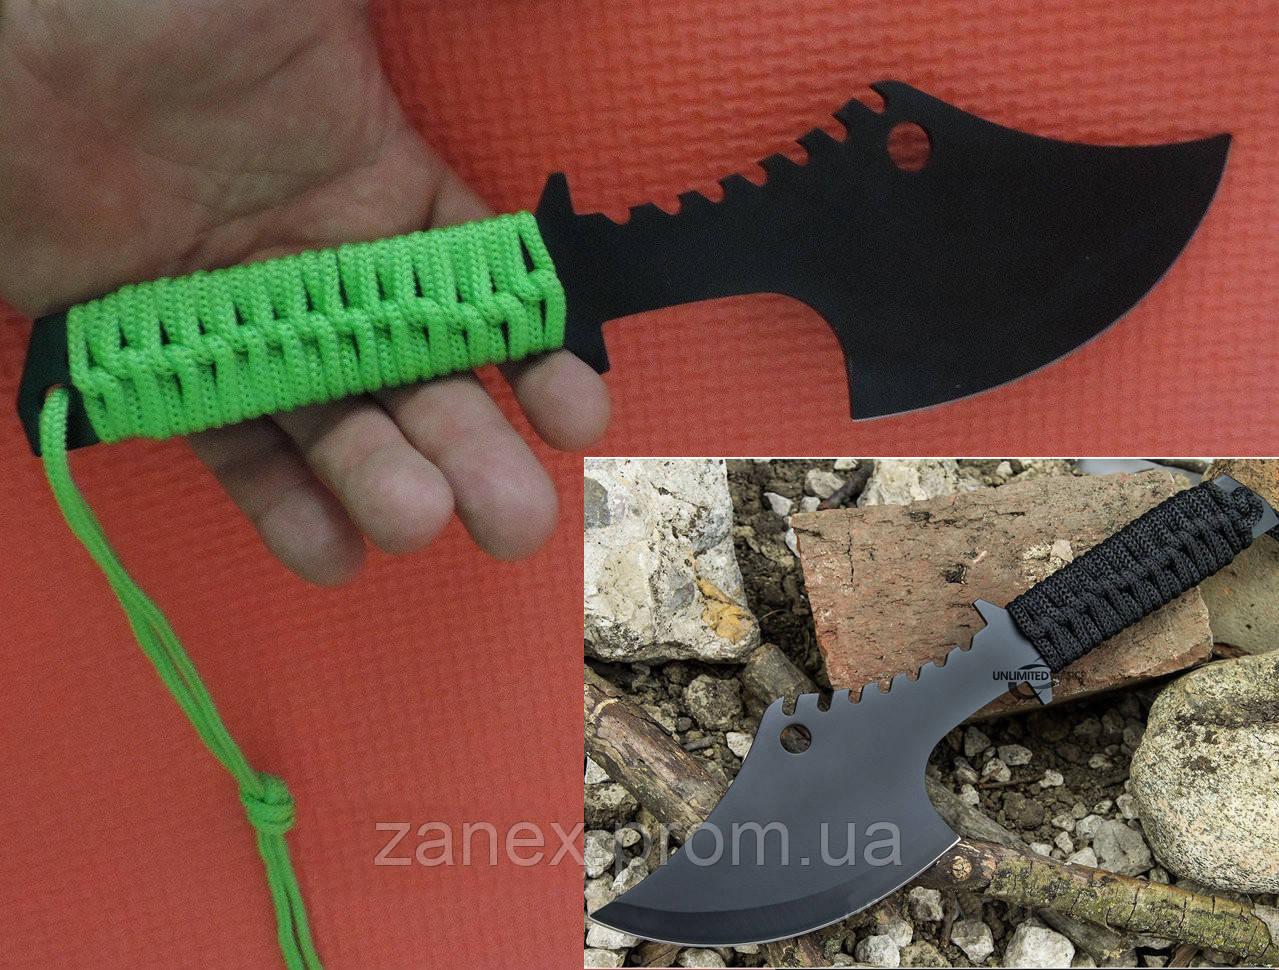 Метательный нож - топор (мачете - томагавк) Гарпия. Топор тактический с паракордом